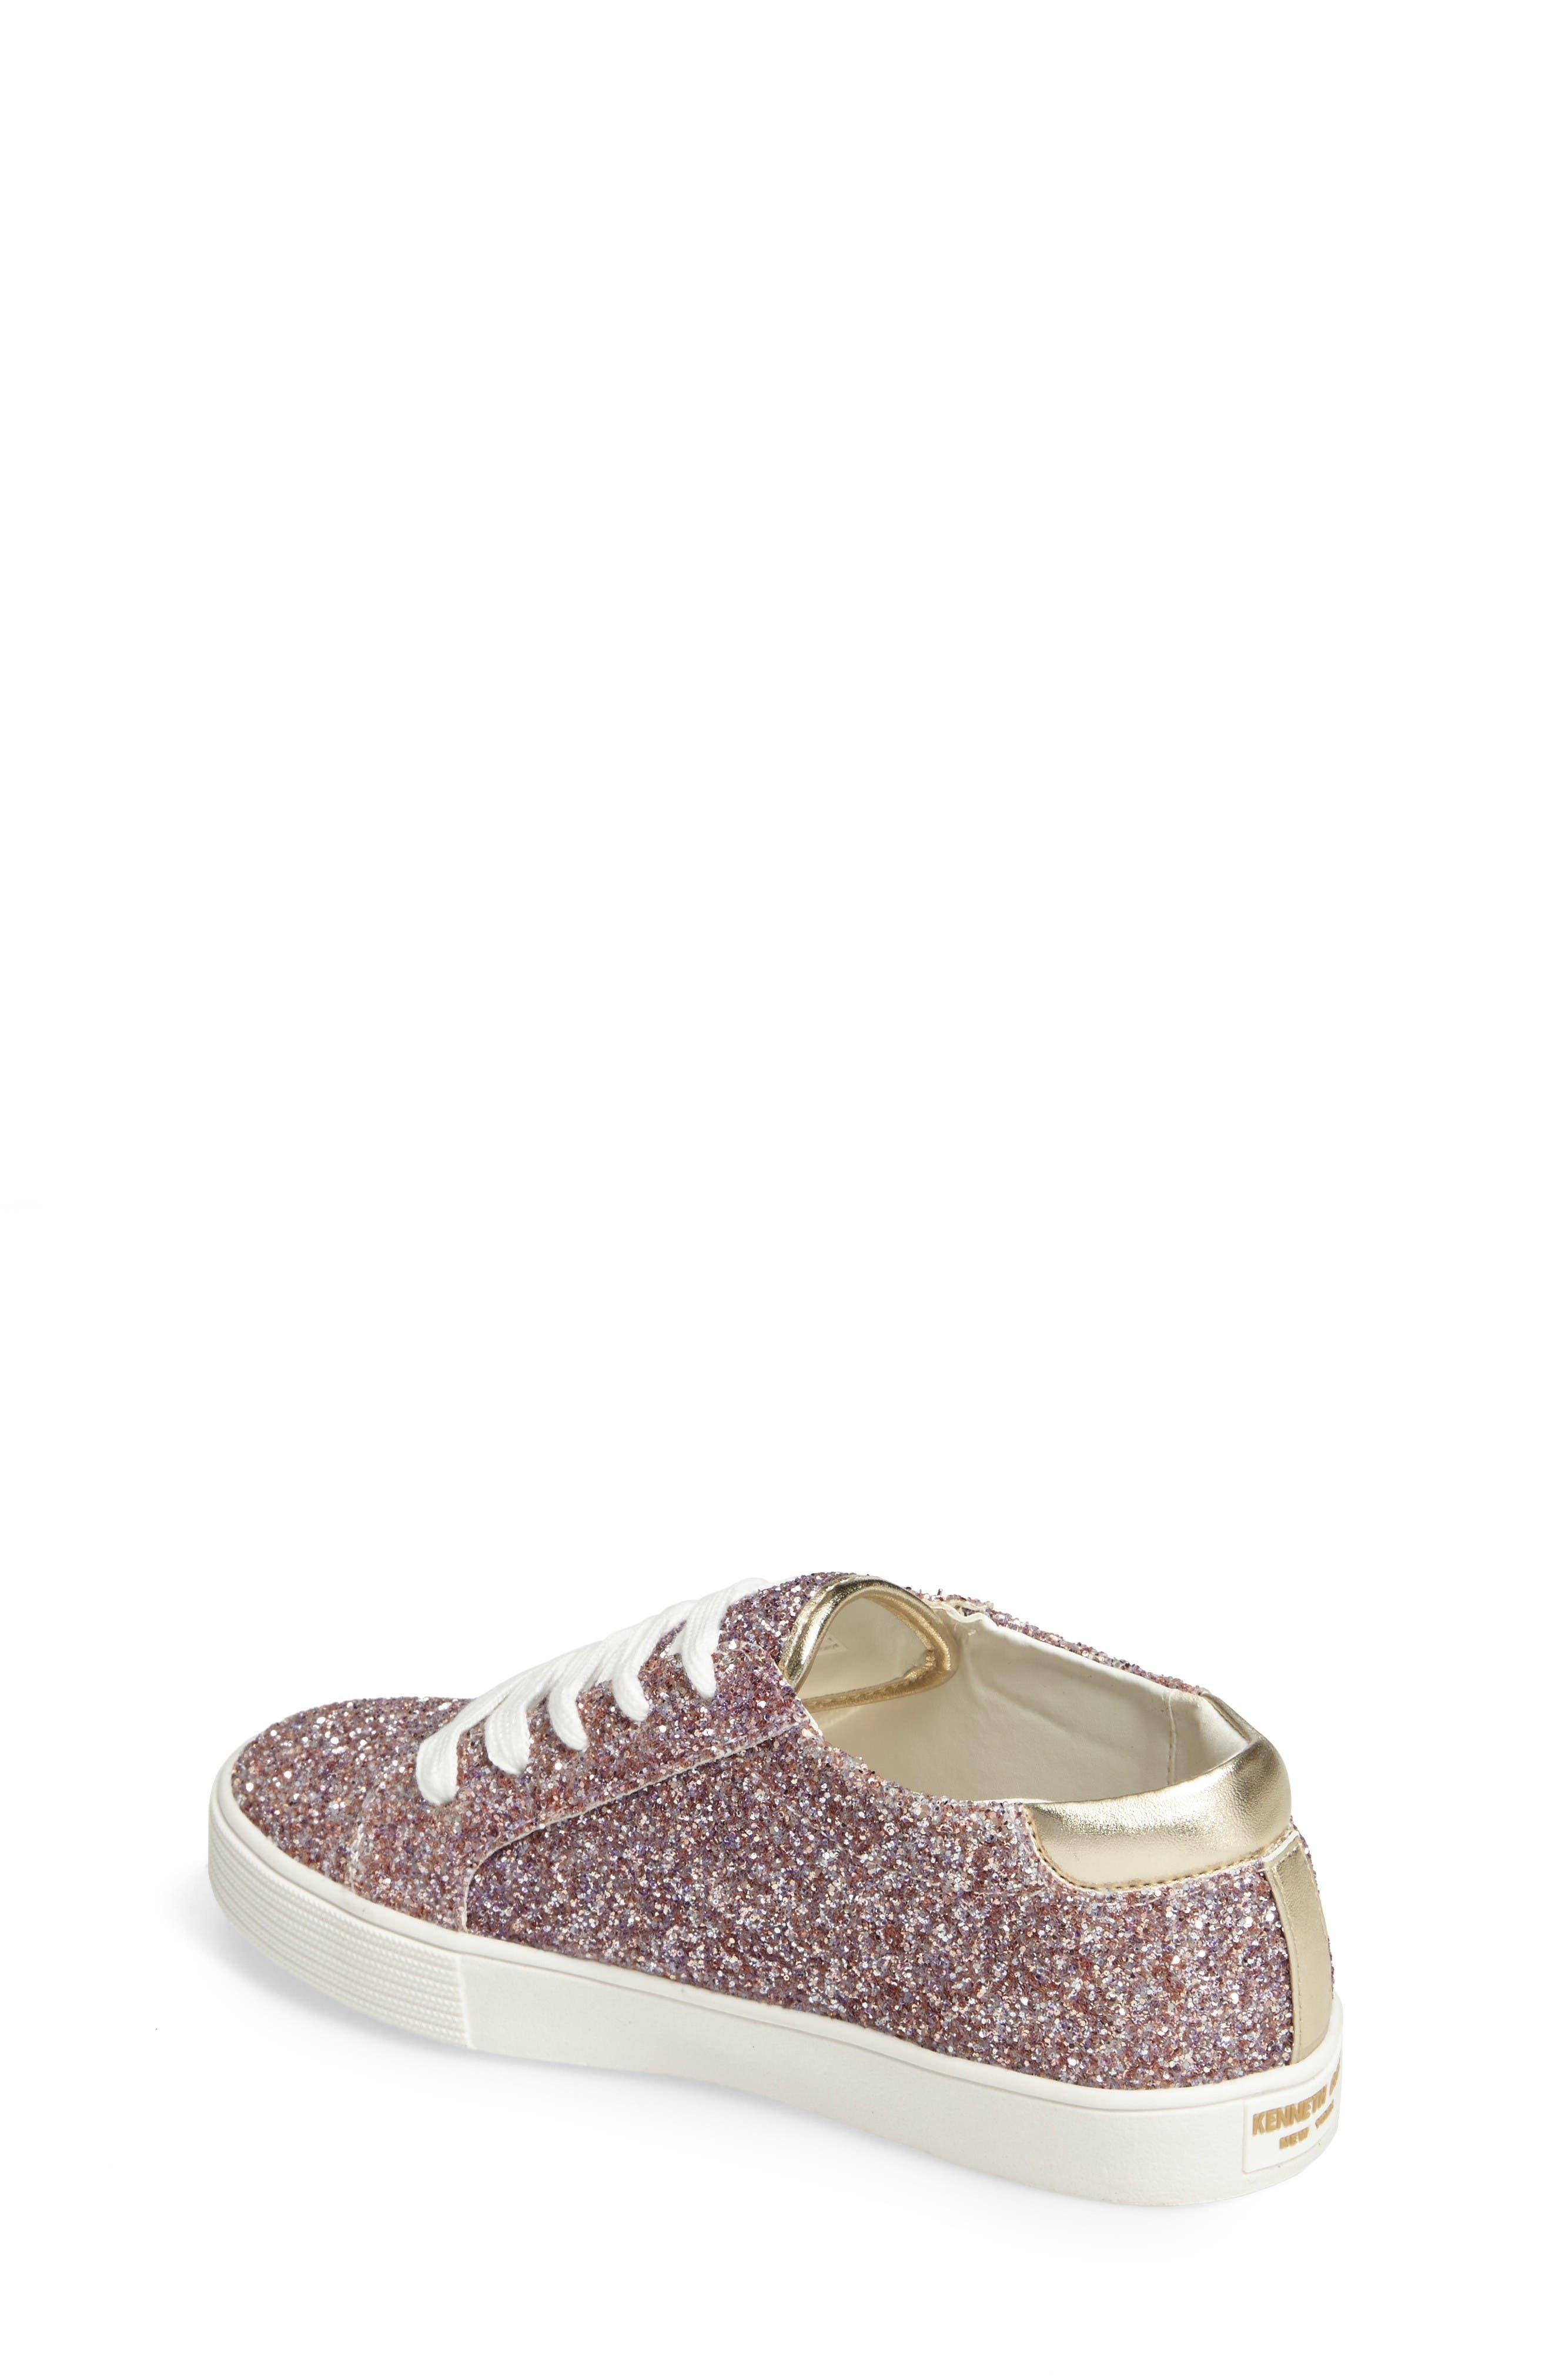 Kam Sneaker,                             Alternate thumbnail 2, color,                             Champagne